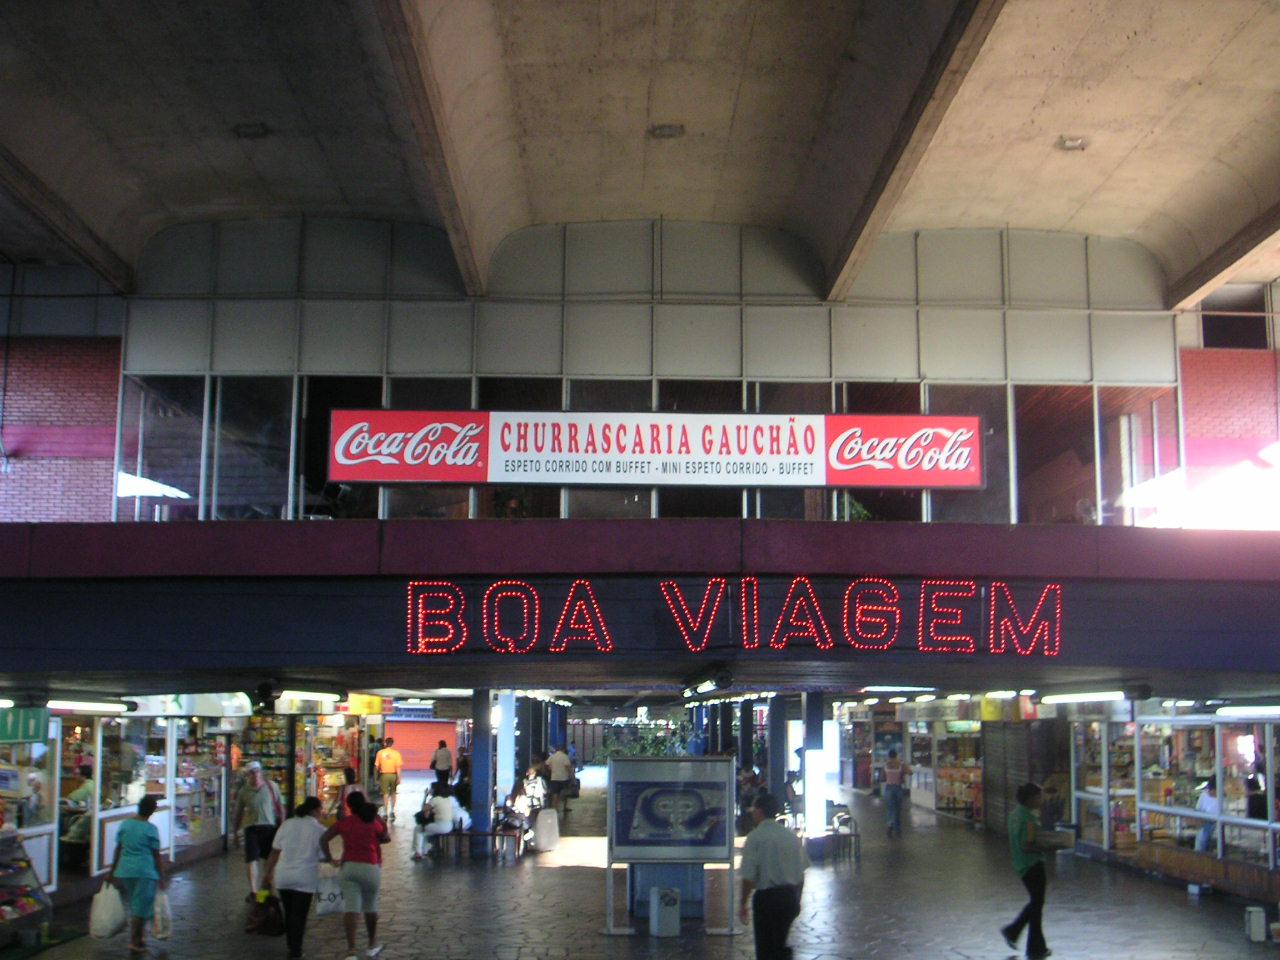 Bus station in Porto Alegre.